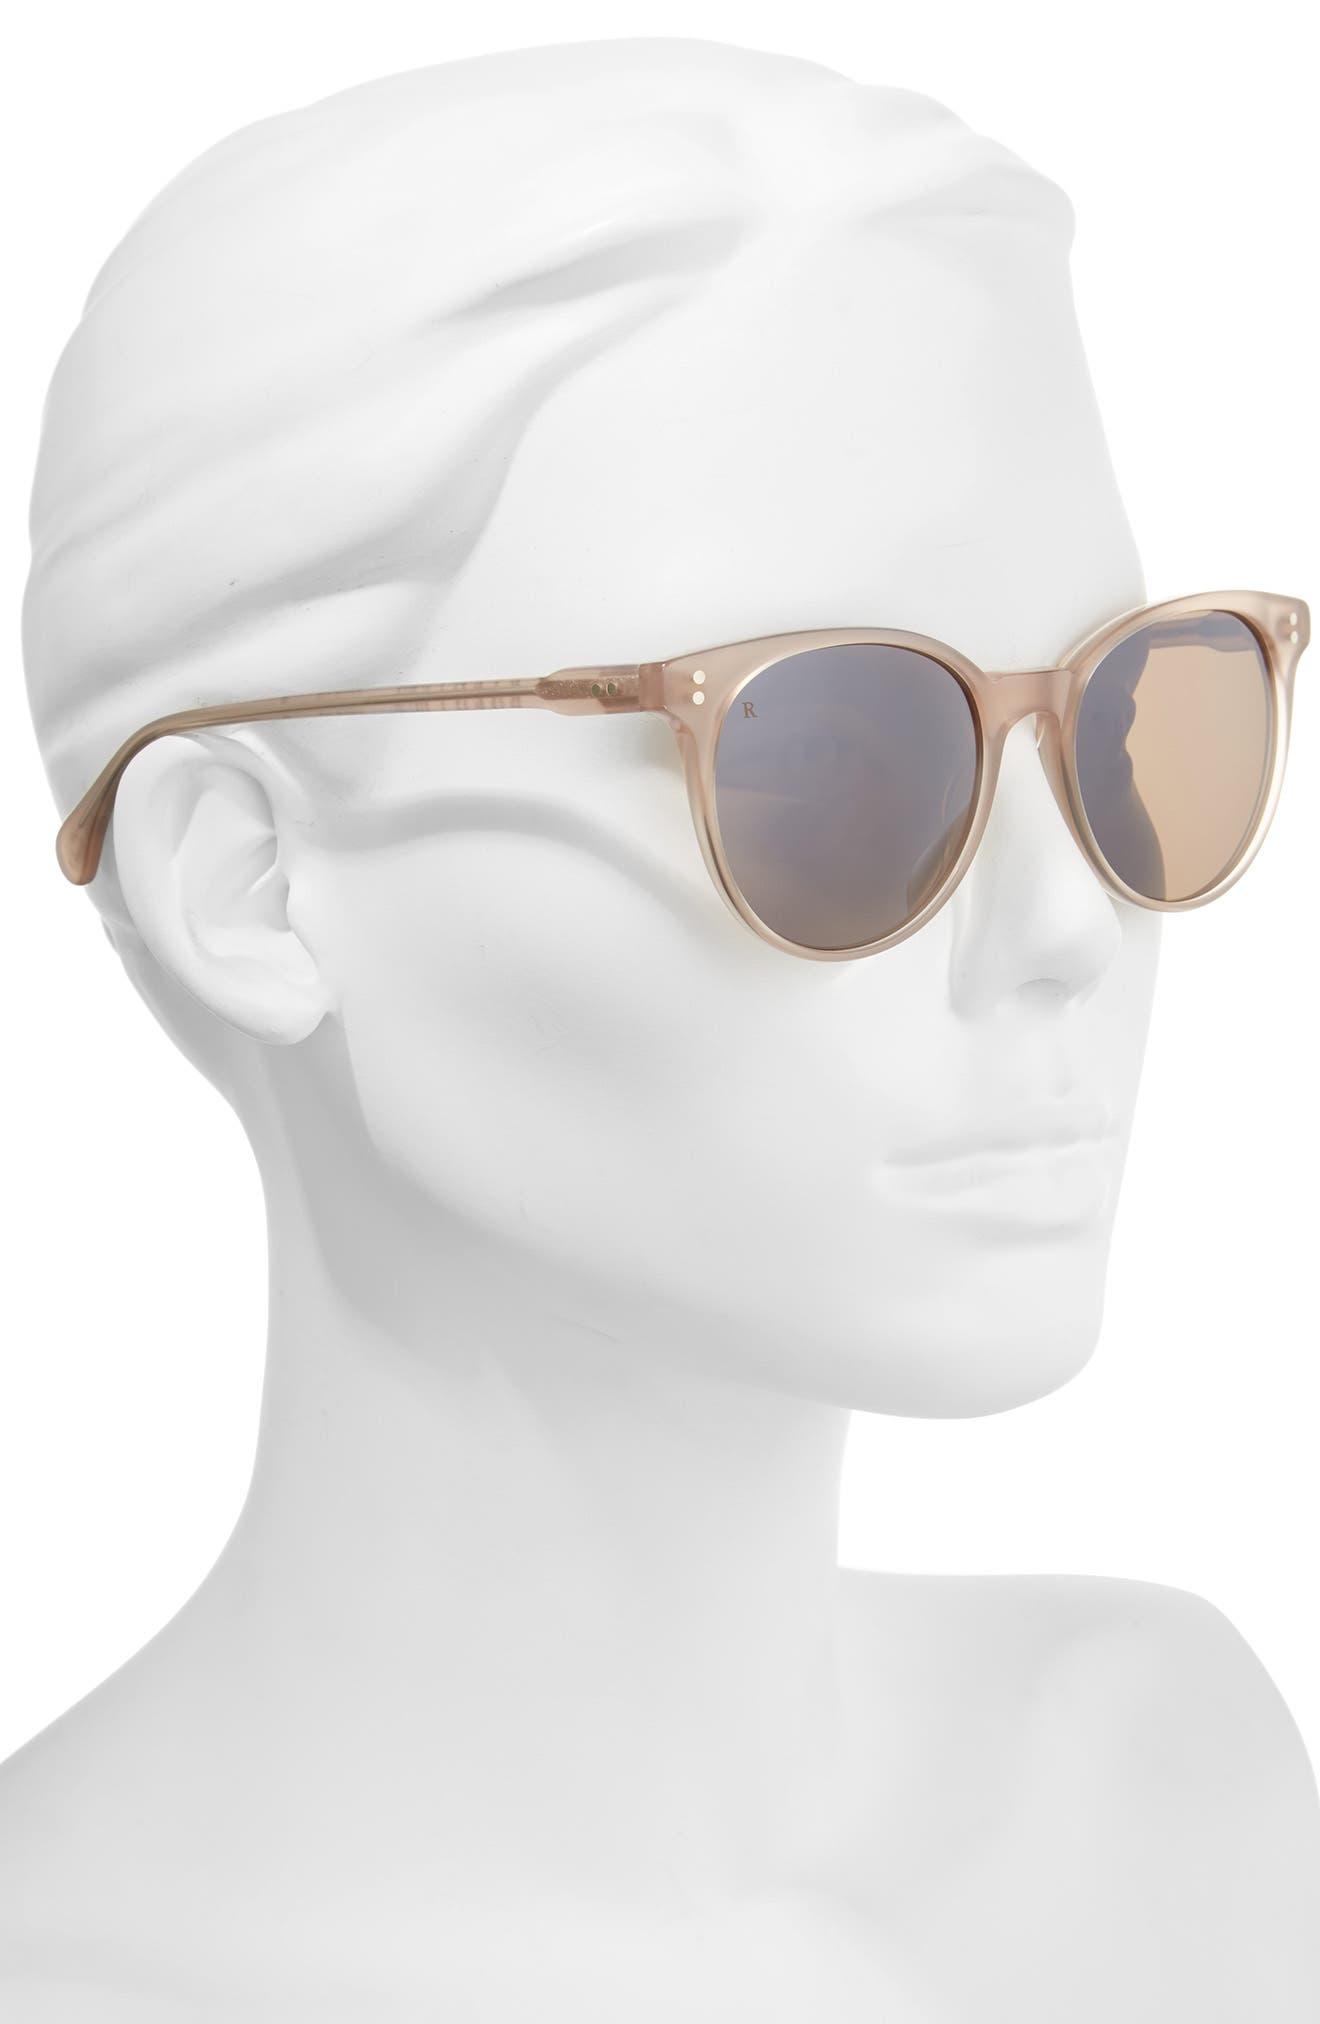 Norie 51mm Cat Eye Mirrored Lens Sunglasses,                             Alternate thumbnail 2, color,                             FLESH